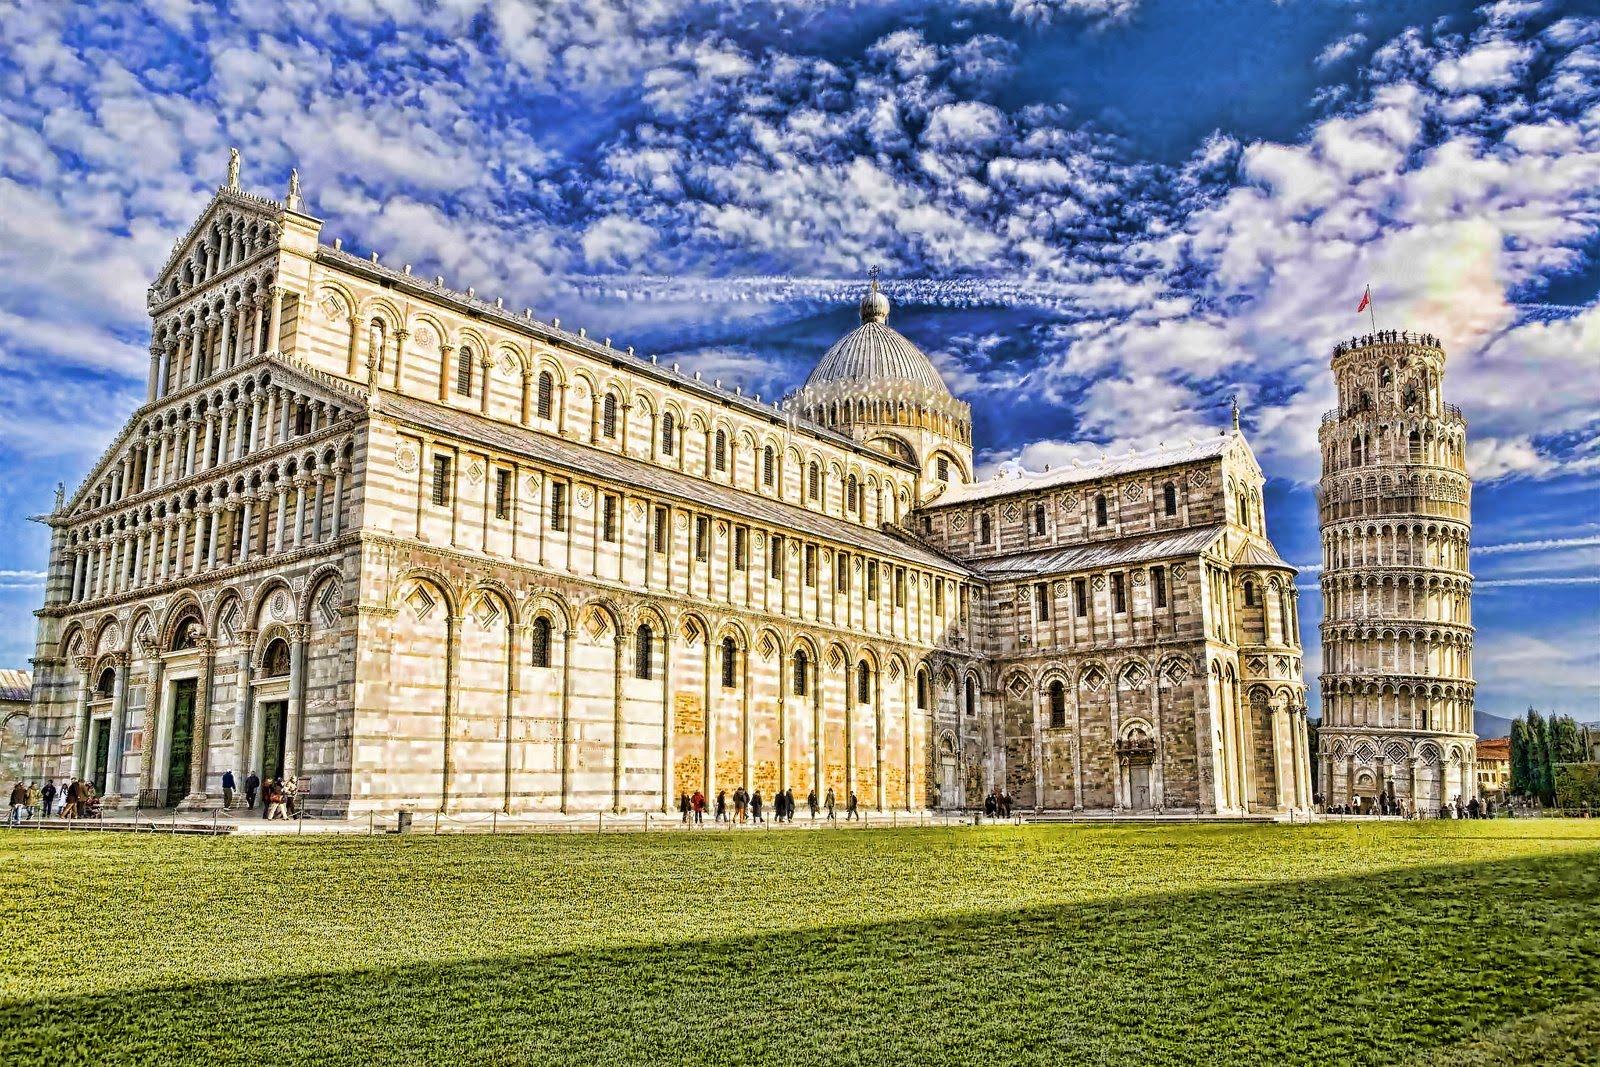 ピサ大聖堂の画像 p1_36